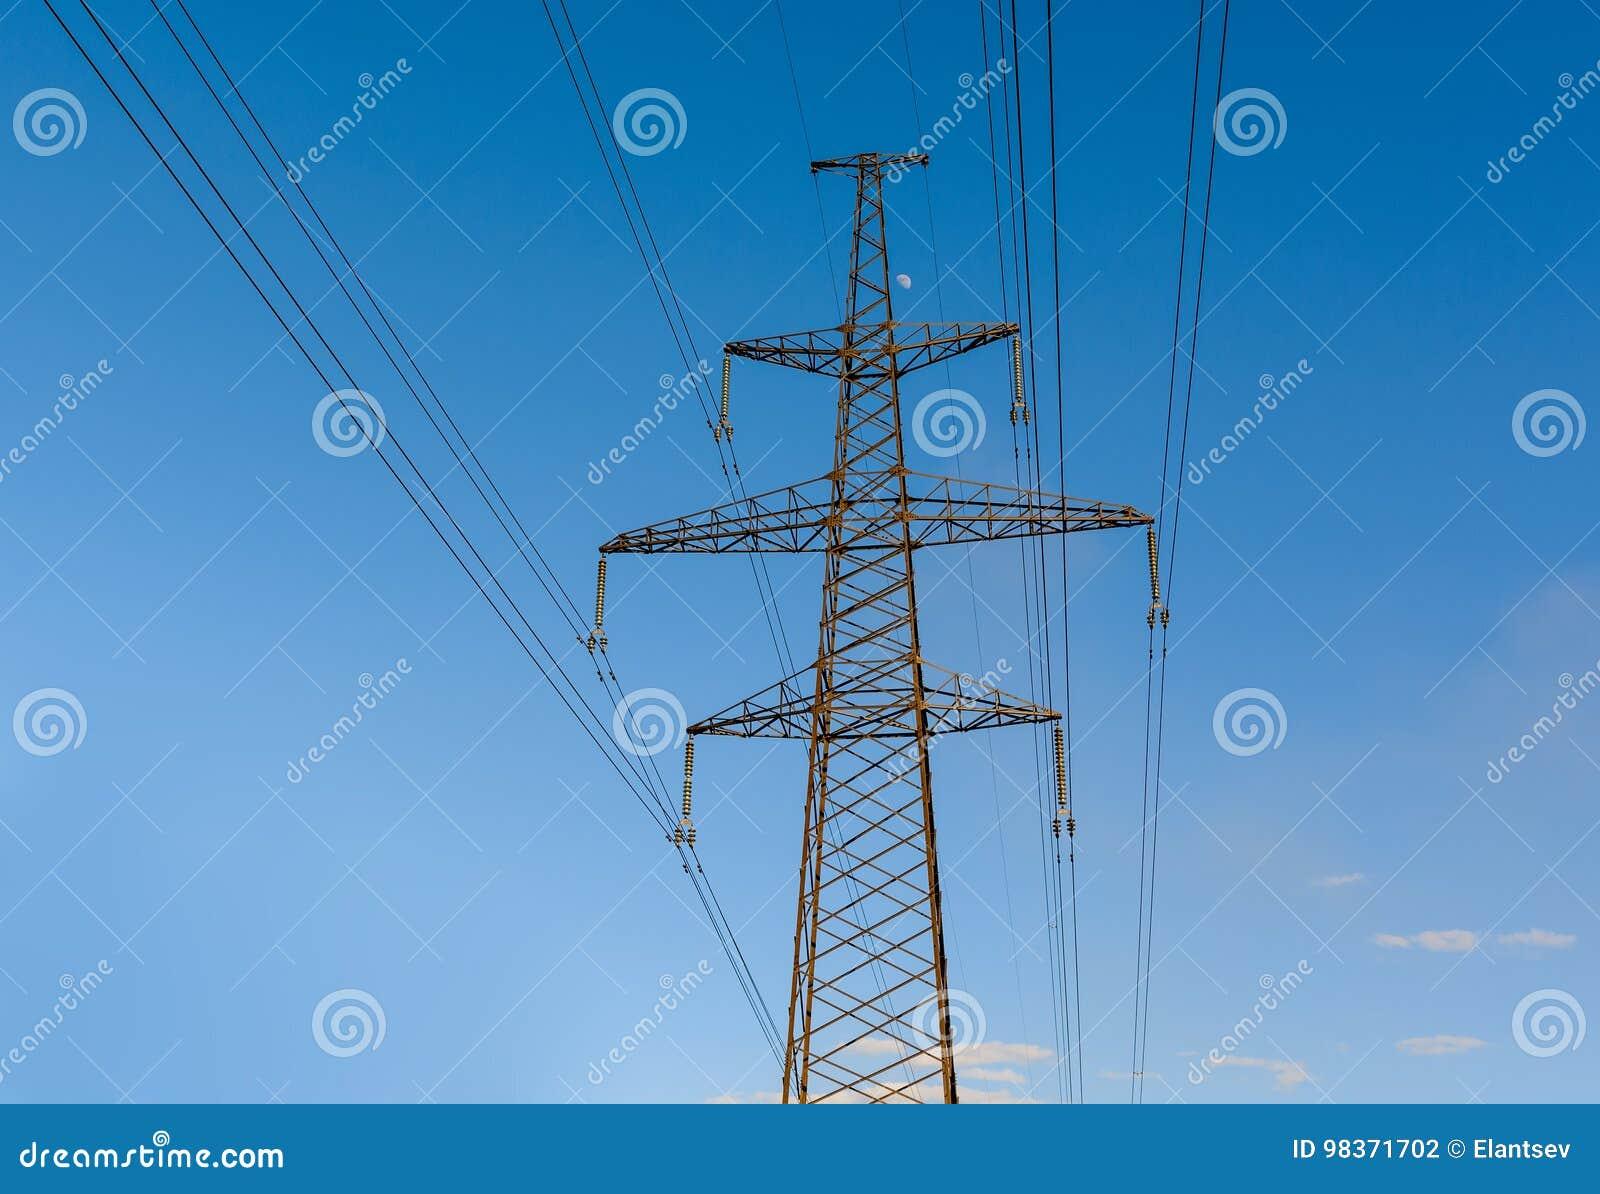 Elektriciteitspyloon tegen blauwe hemelachtergrond die wordt gesilhouetteerd De toren van de hoogspanning